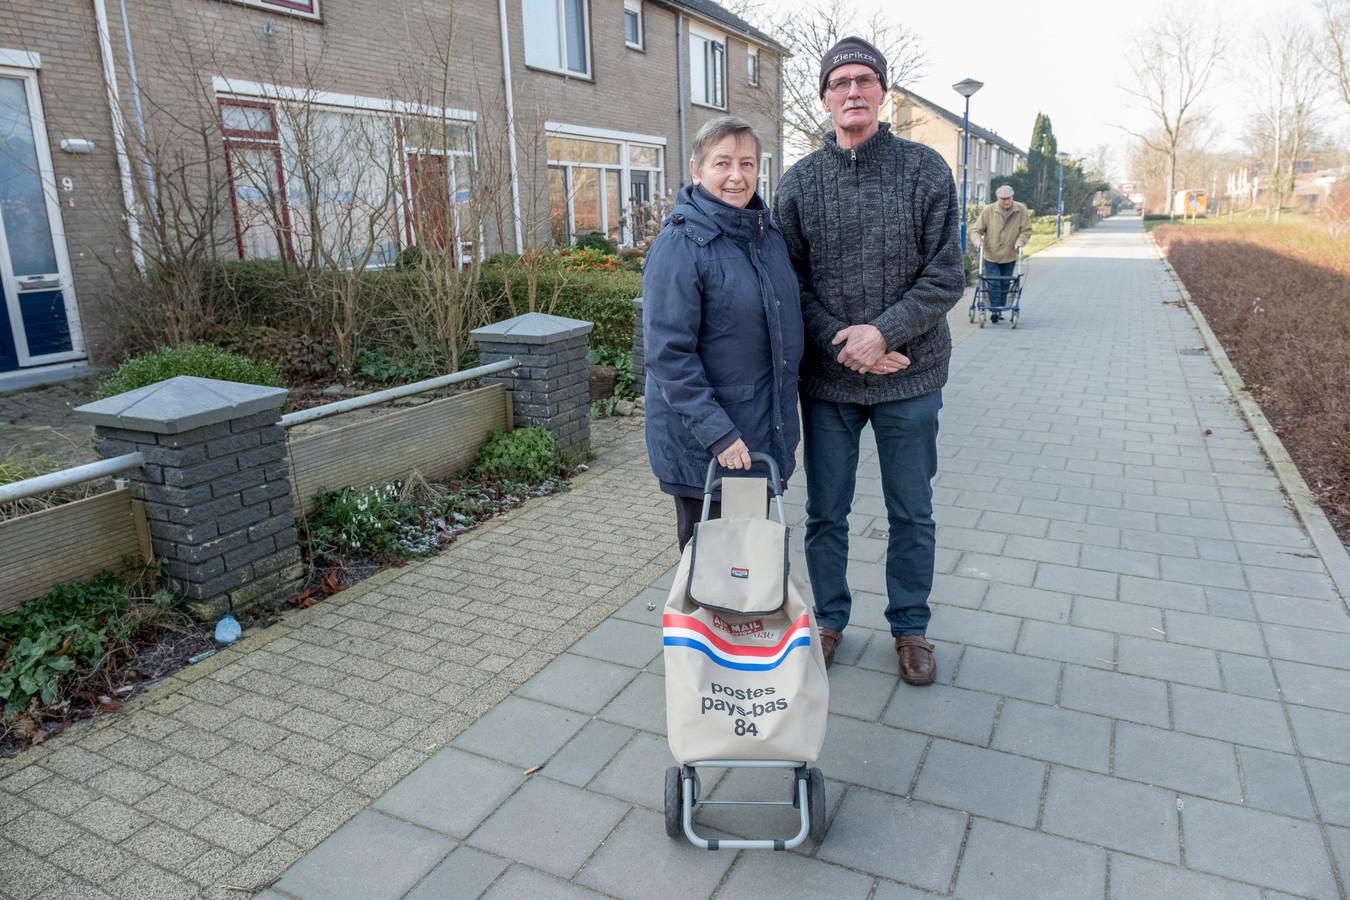 Ria Priemis-van der Welle en Dingeman Priemis wonen al 45 jaar met veel plezier aan De Kabbelaarsbank.